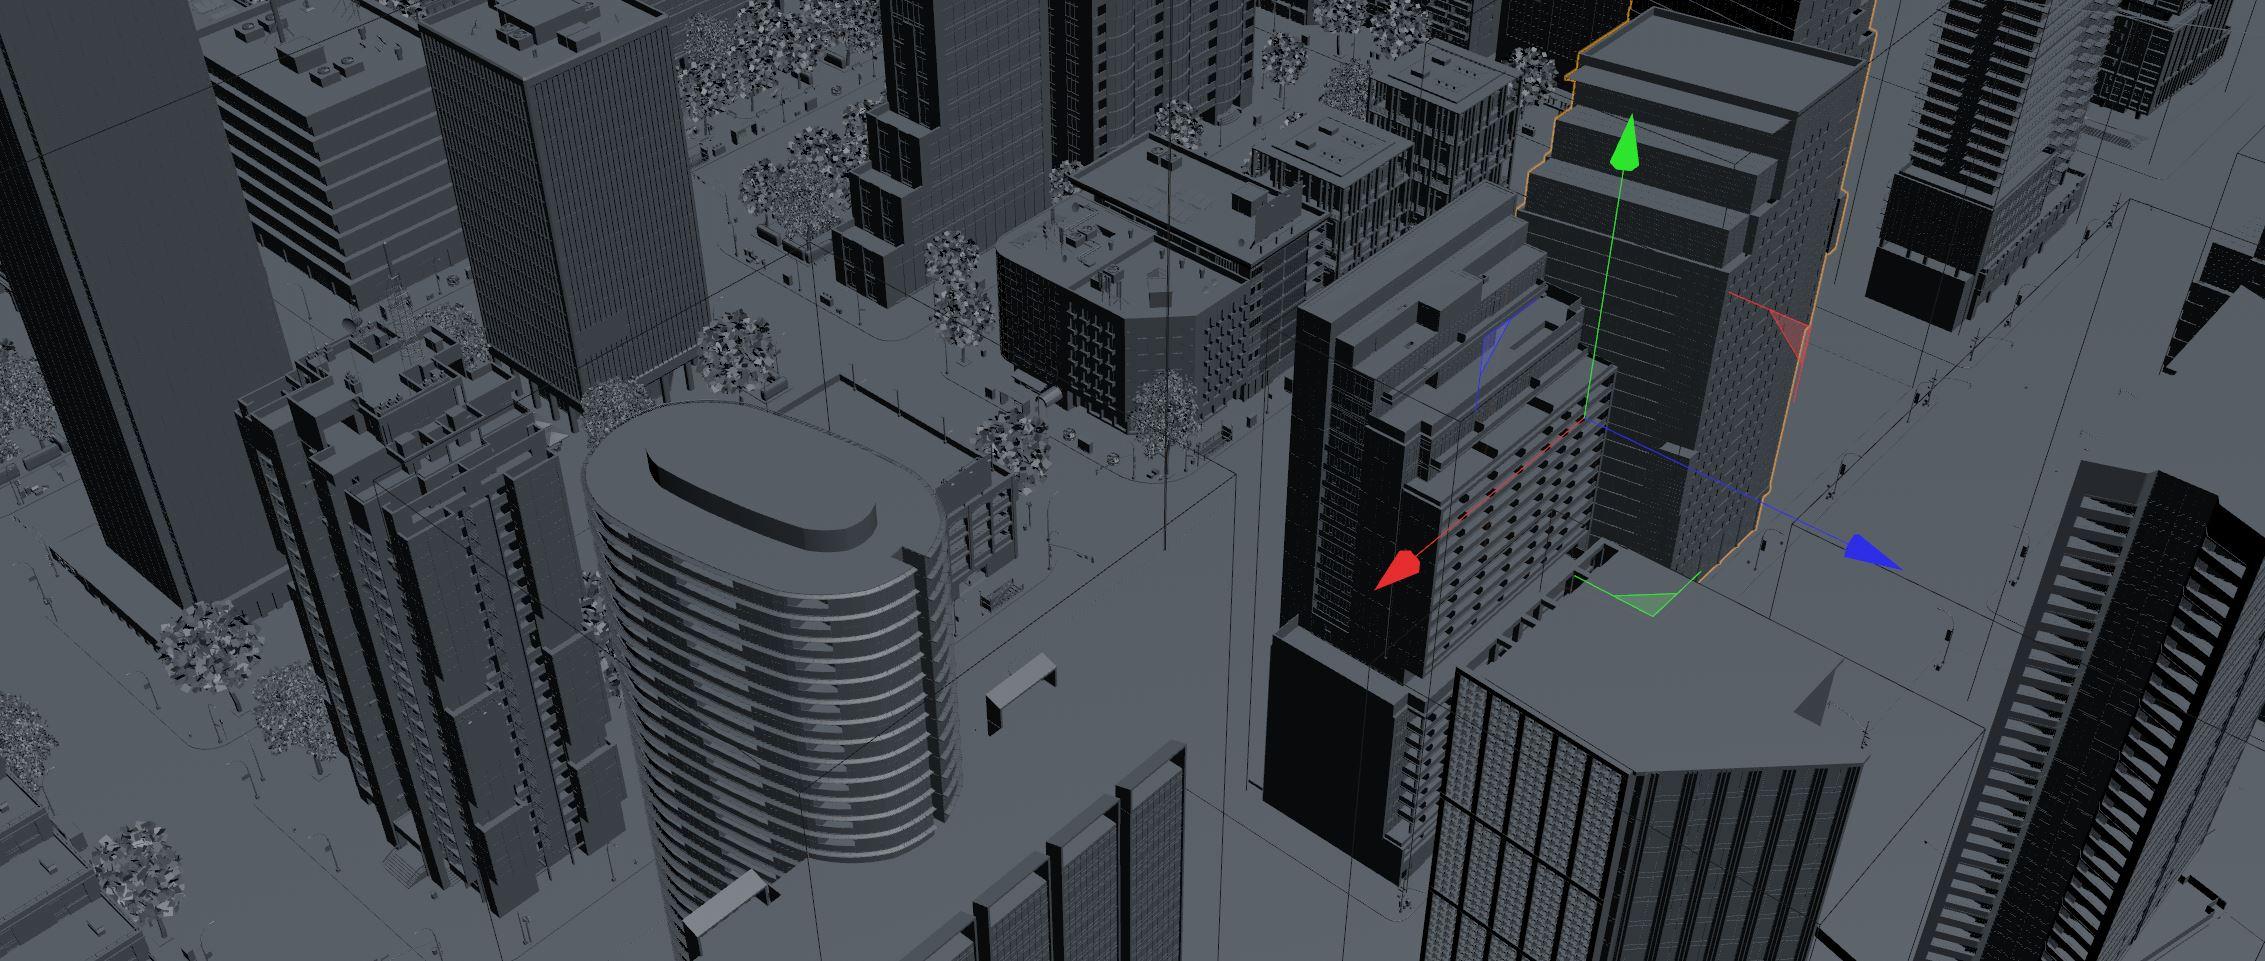 City_screenshot3.JPG